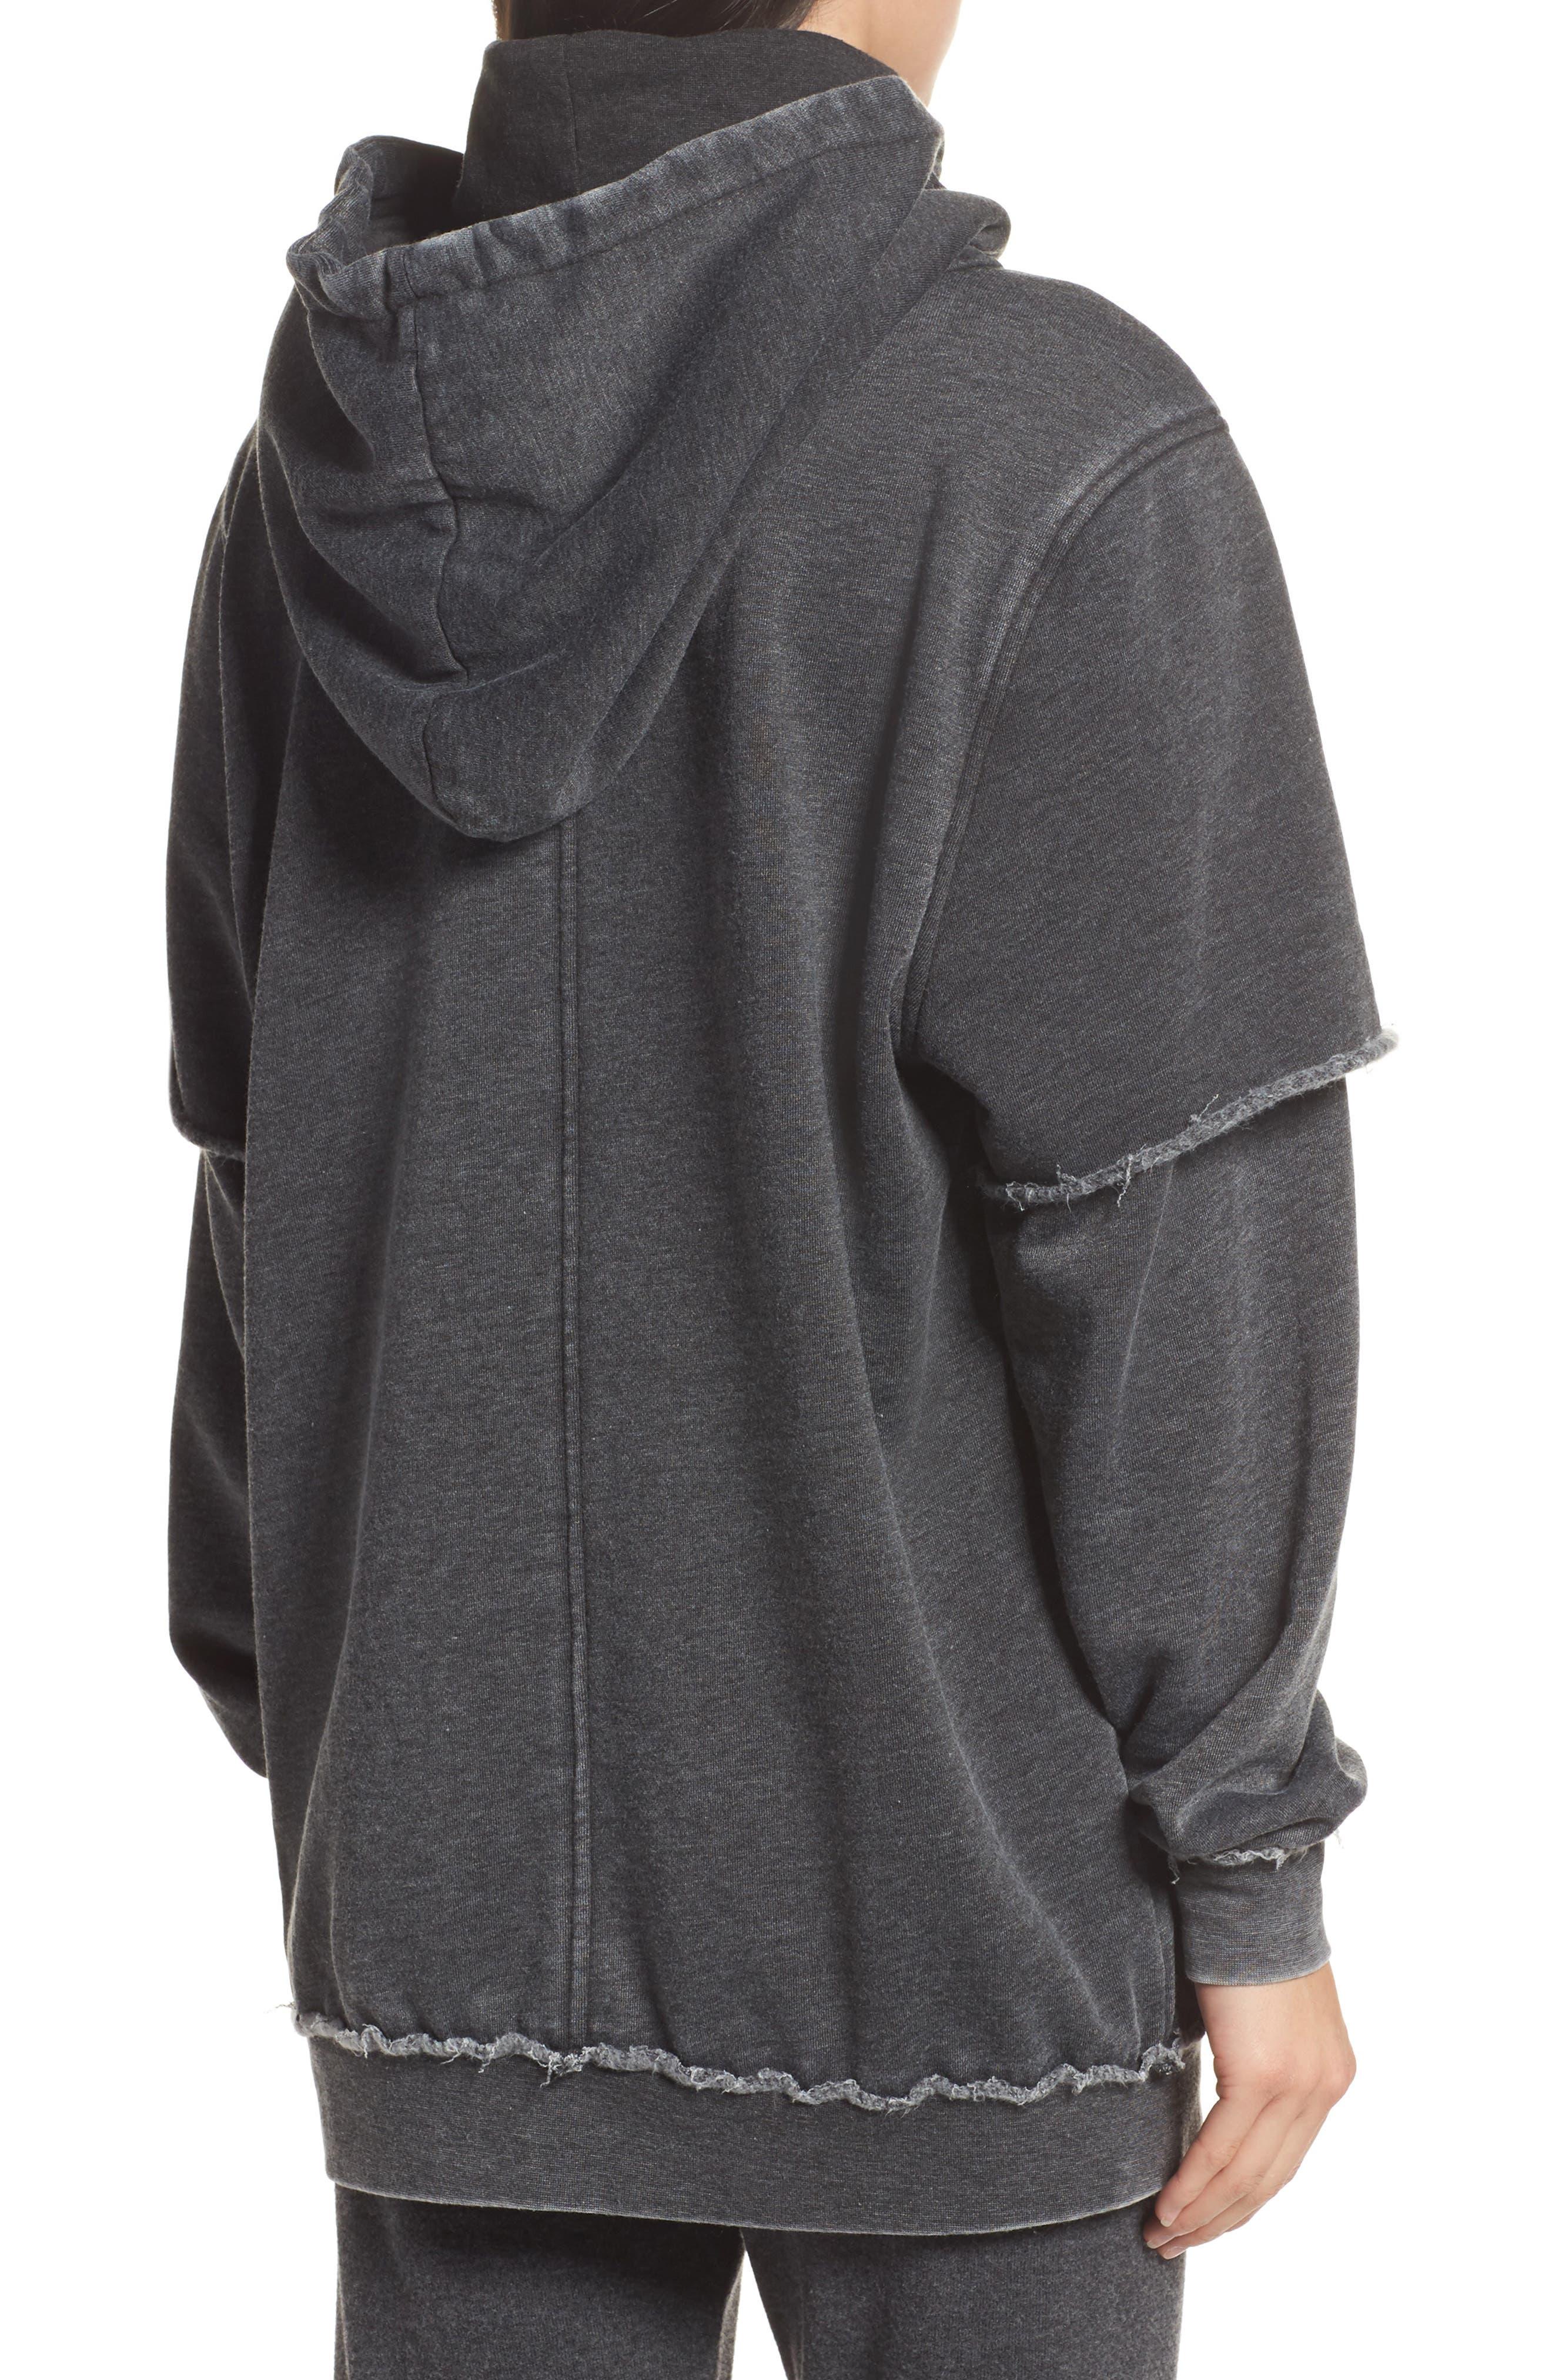 Alternate Image 2  - The Laundry Room Good Hood Sweatshirt Dress